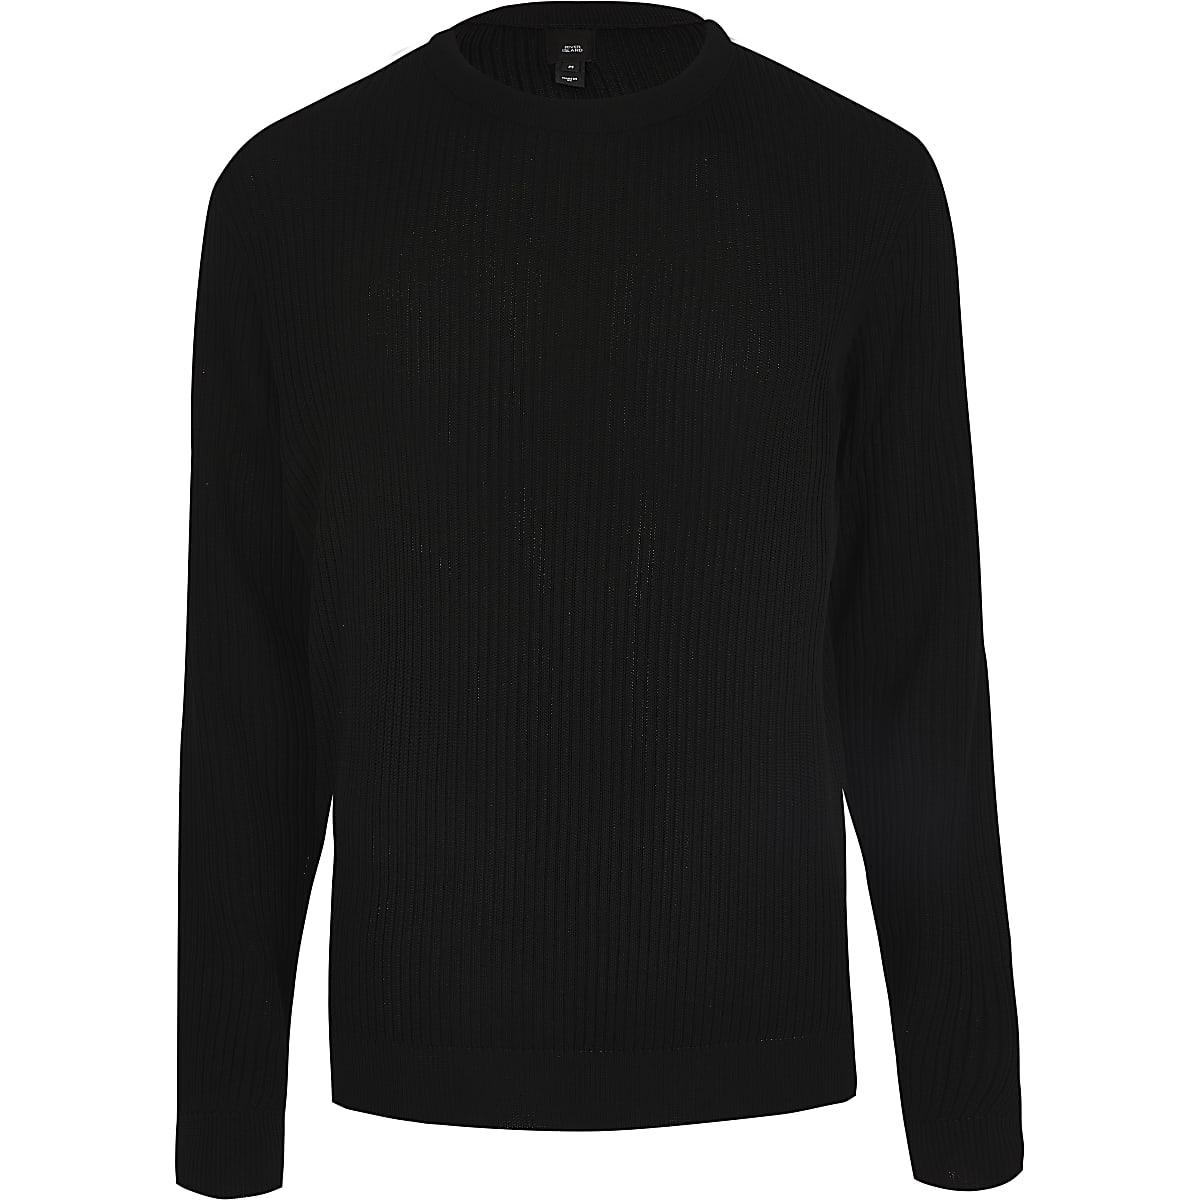 Black rib knitted slim fit jumper